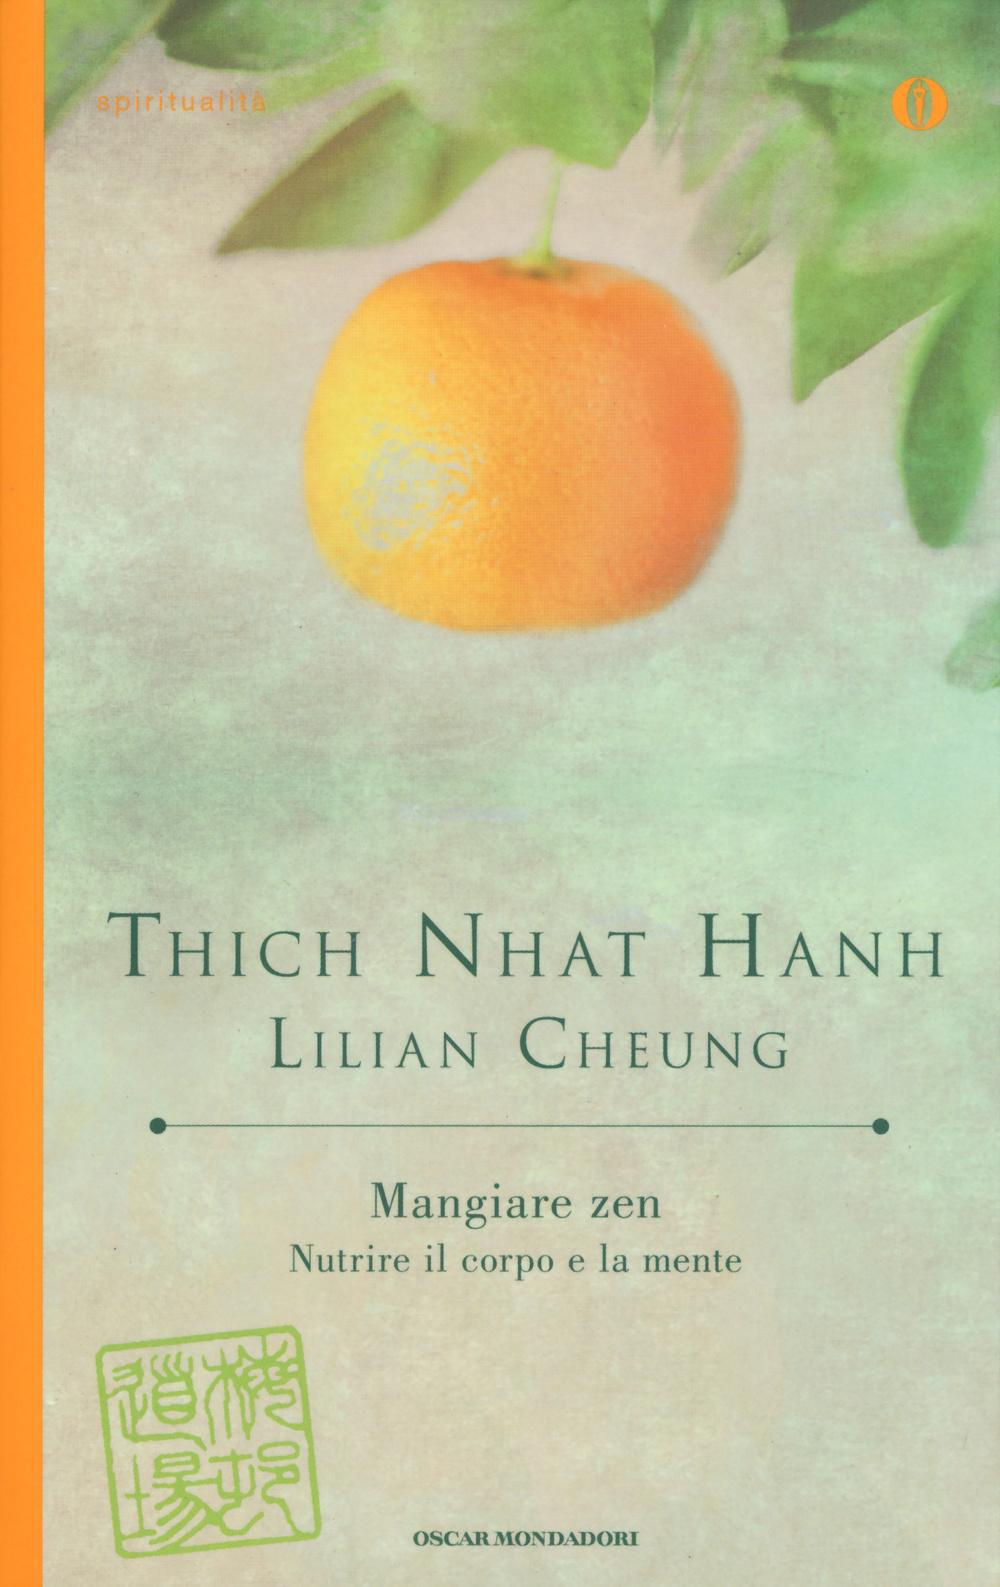 Mangiare zen. Nutrire il corpo e la mente